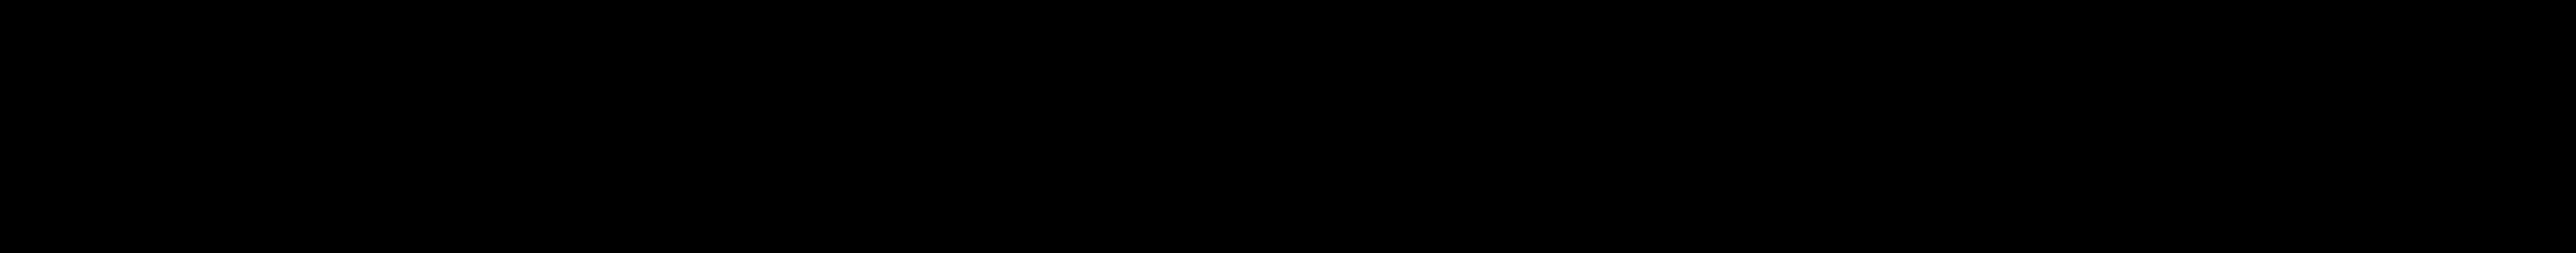 Logo We are Strandvägen - @strandvagen - strandvagen.com